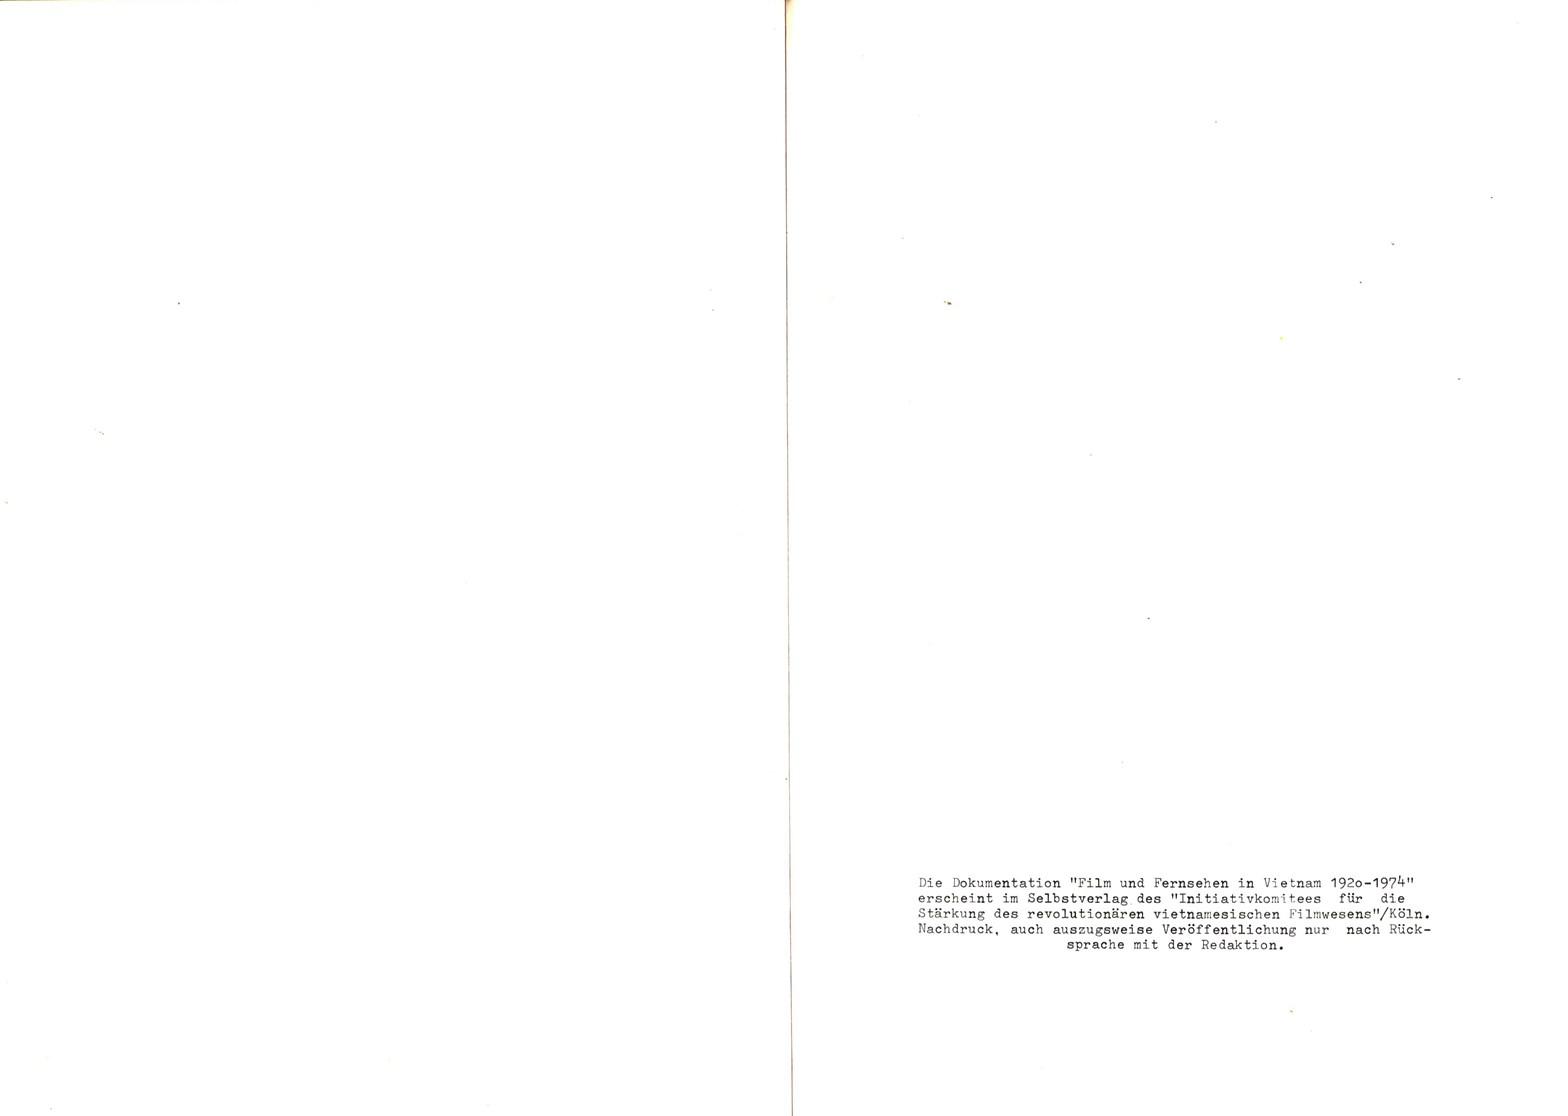 IK_Filmwesen_Bulletin_19740400_008_009_002